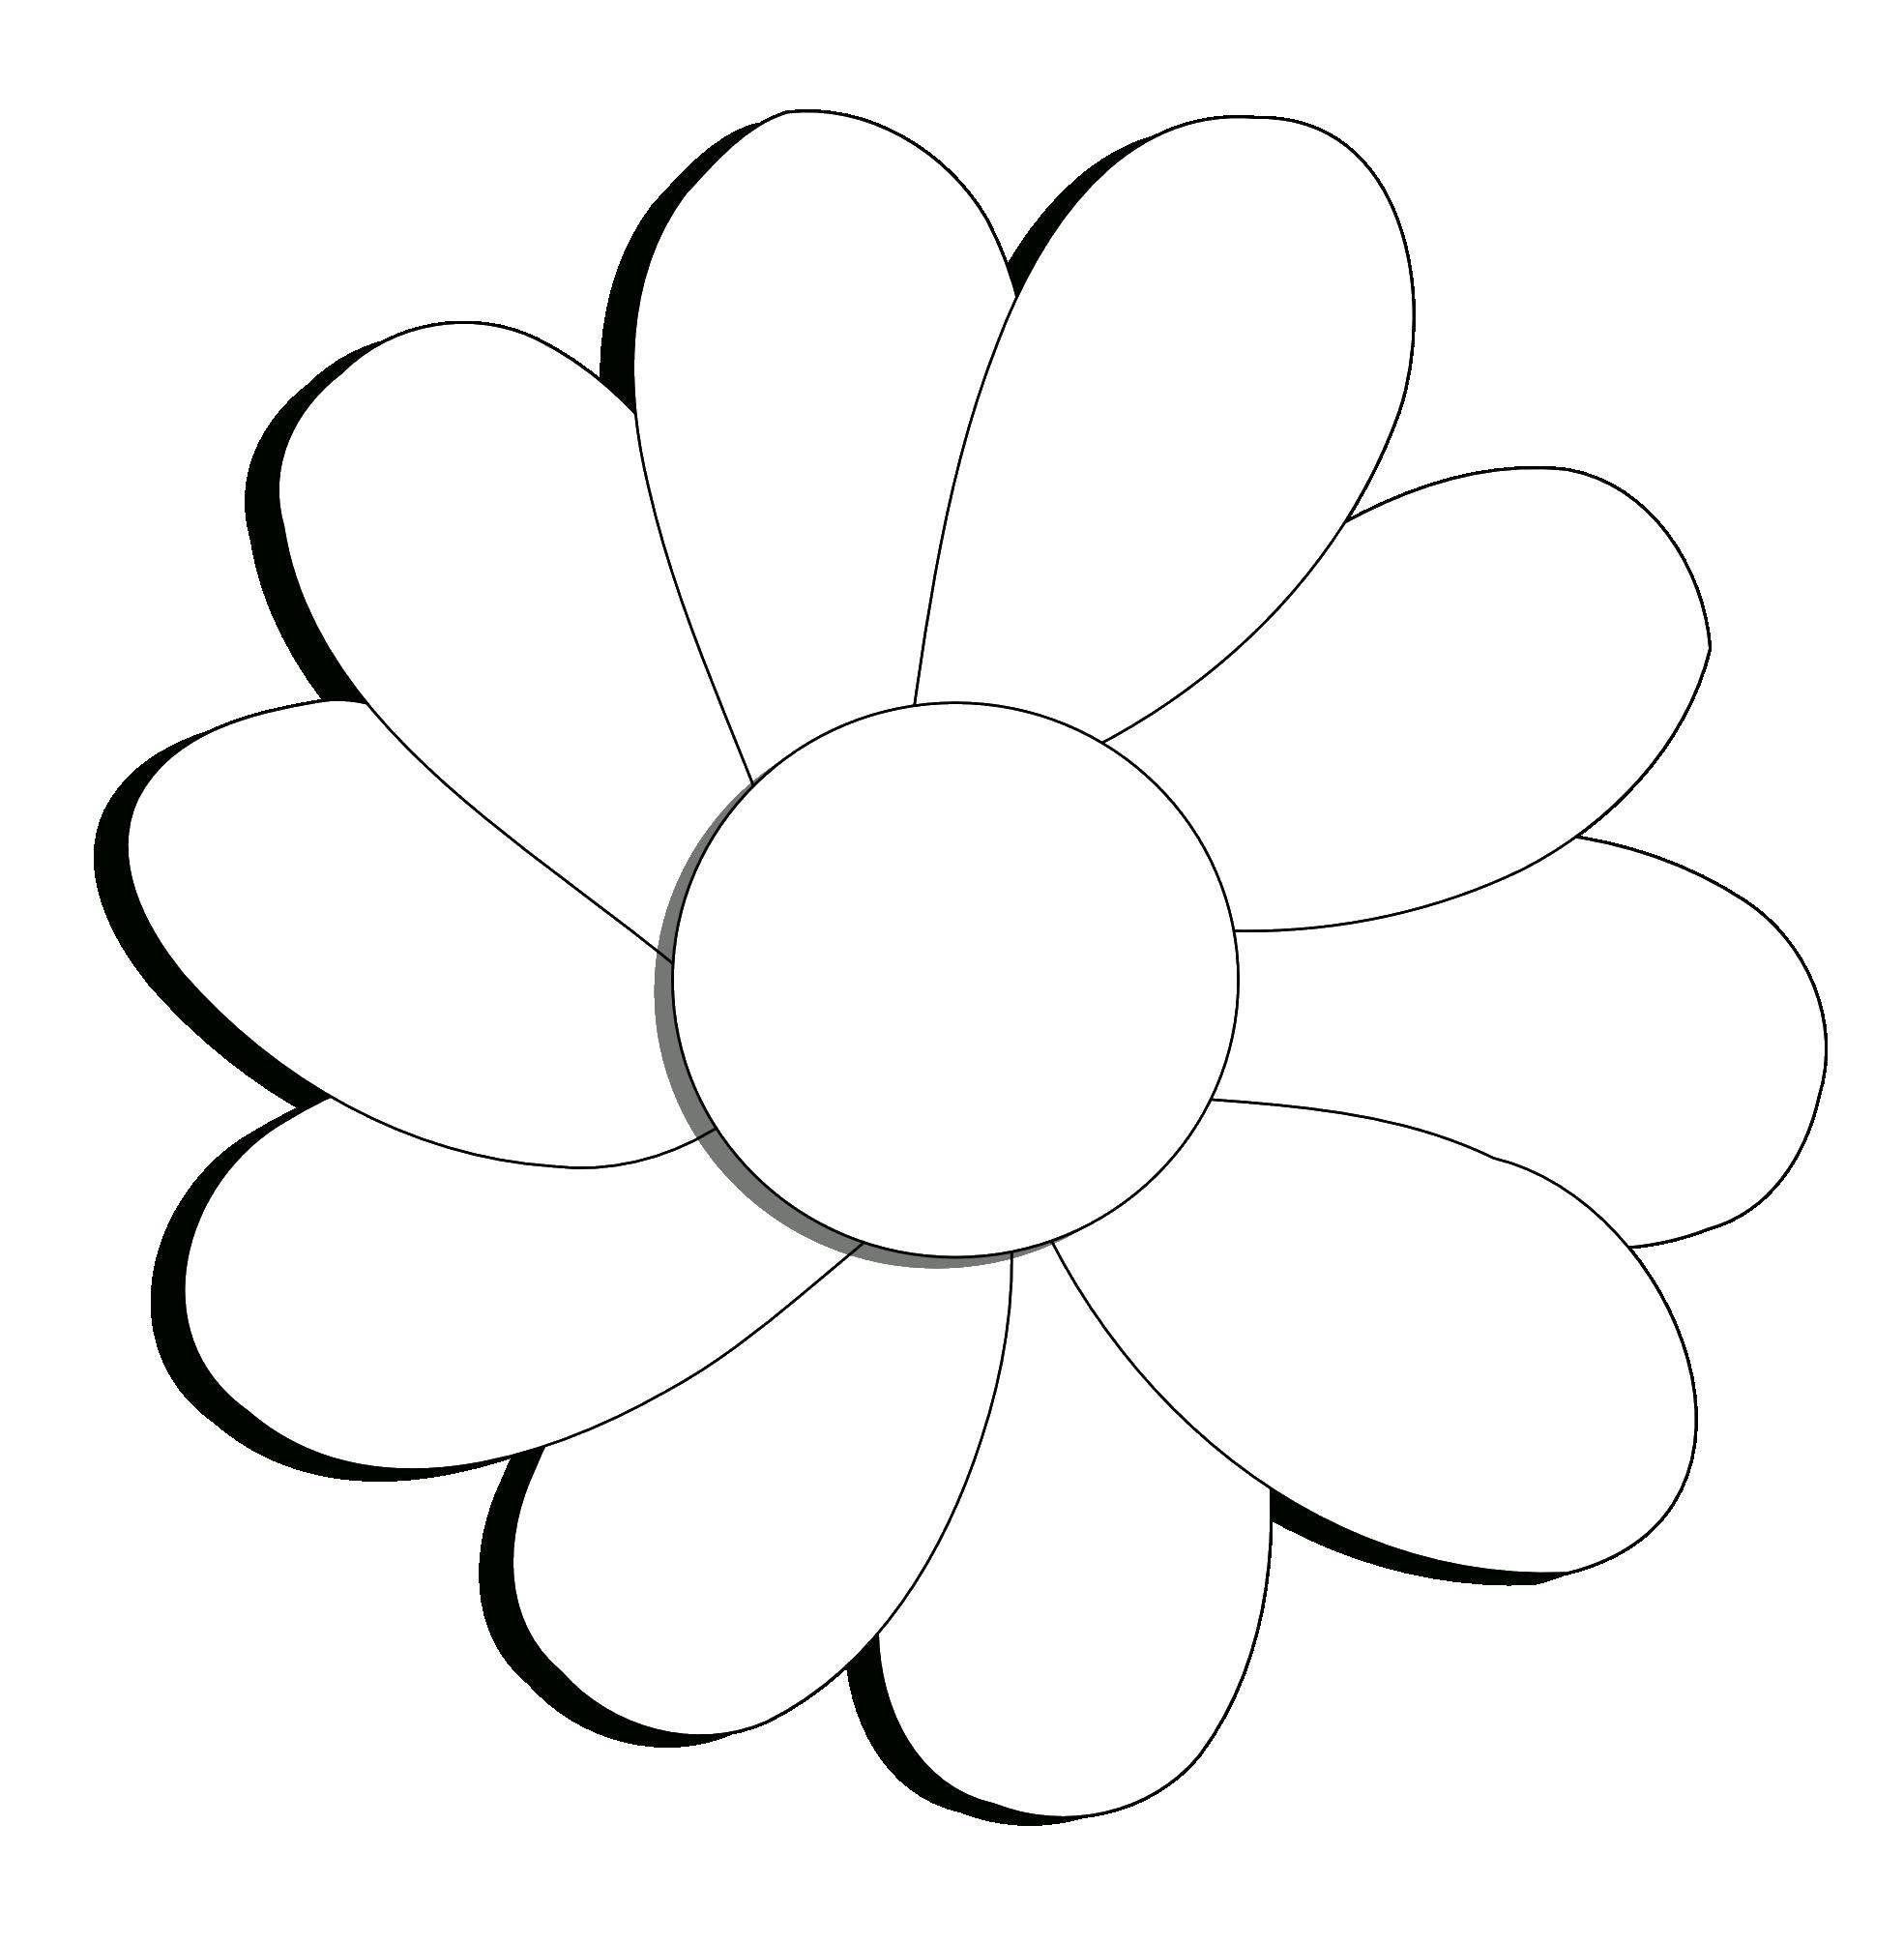 Раскраска Шаблон цветка ромашки Скачать контур, ромашка, лепестки.  Распечатать ,Контуры цветка для вырезания,